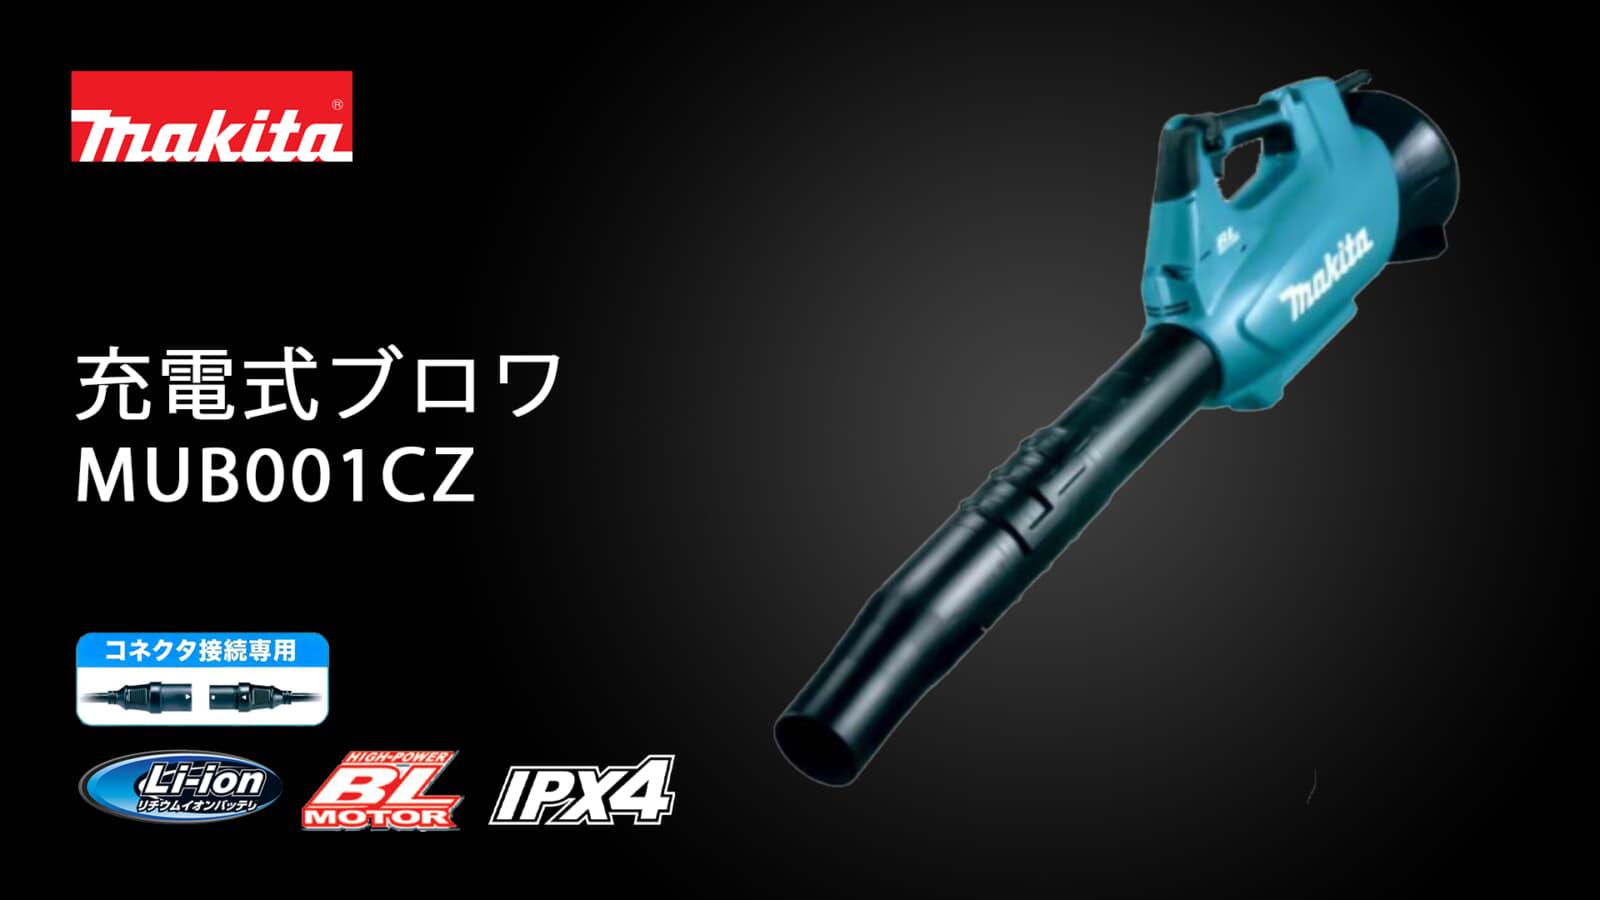 マキタ MUB001CZ 充電式ブロワが発売、コネクタ接続専用の高出力園芸ブロワ